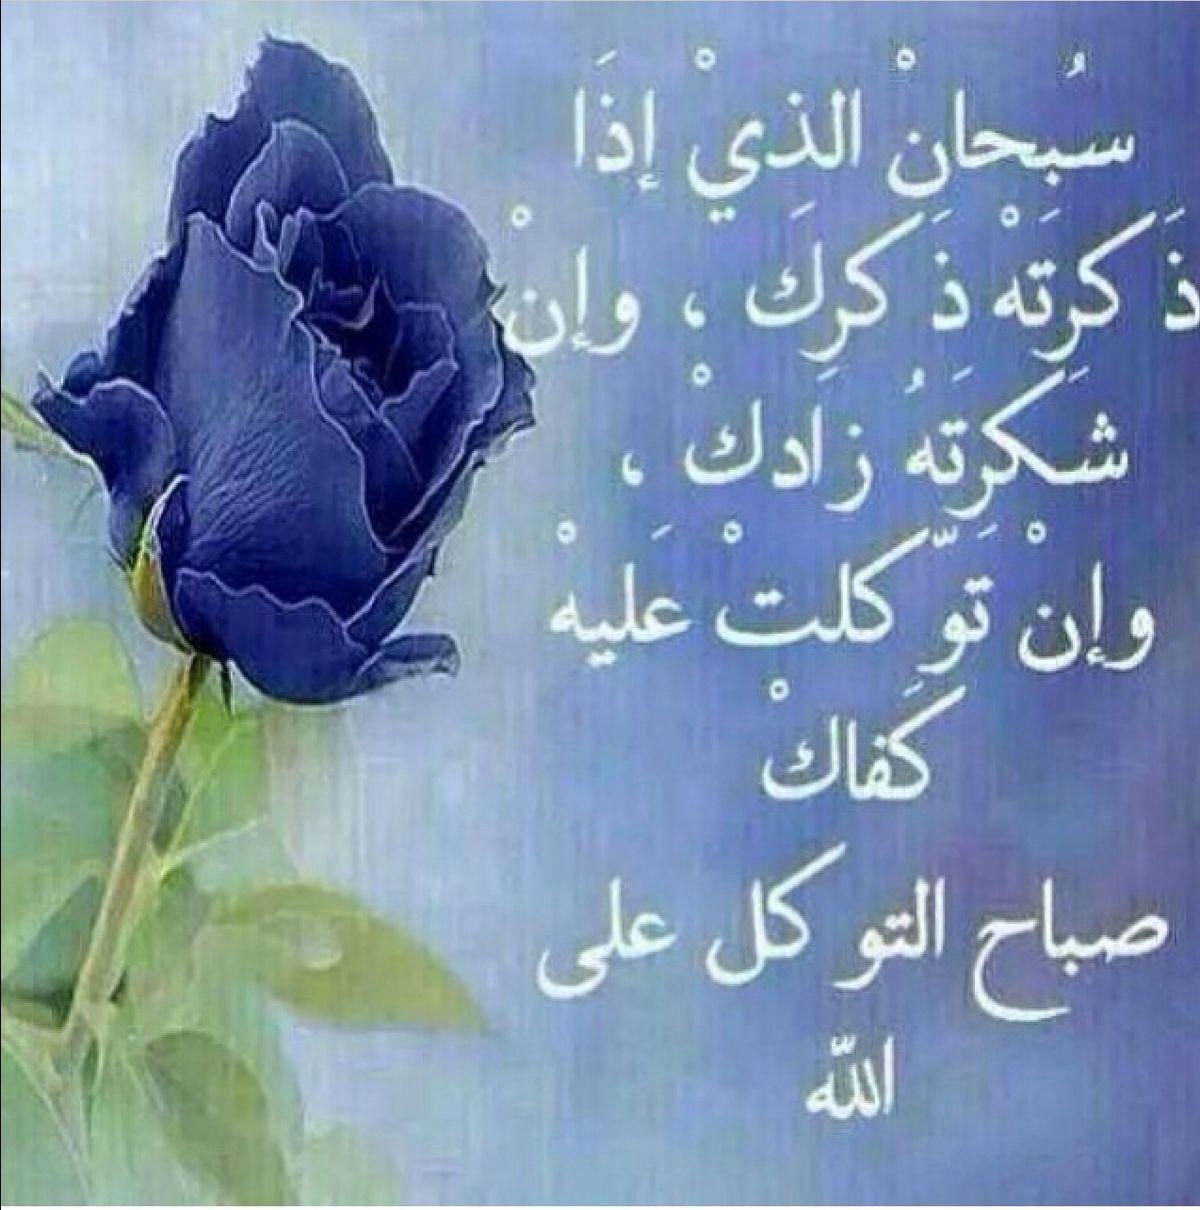 صورة يارب ارزقني وباركلي في يومي , دعاء التوكل على الله في الصباح 5253 4